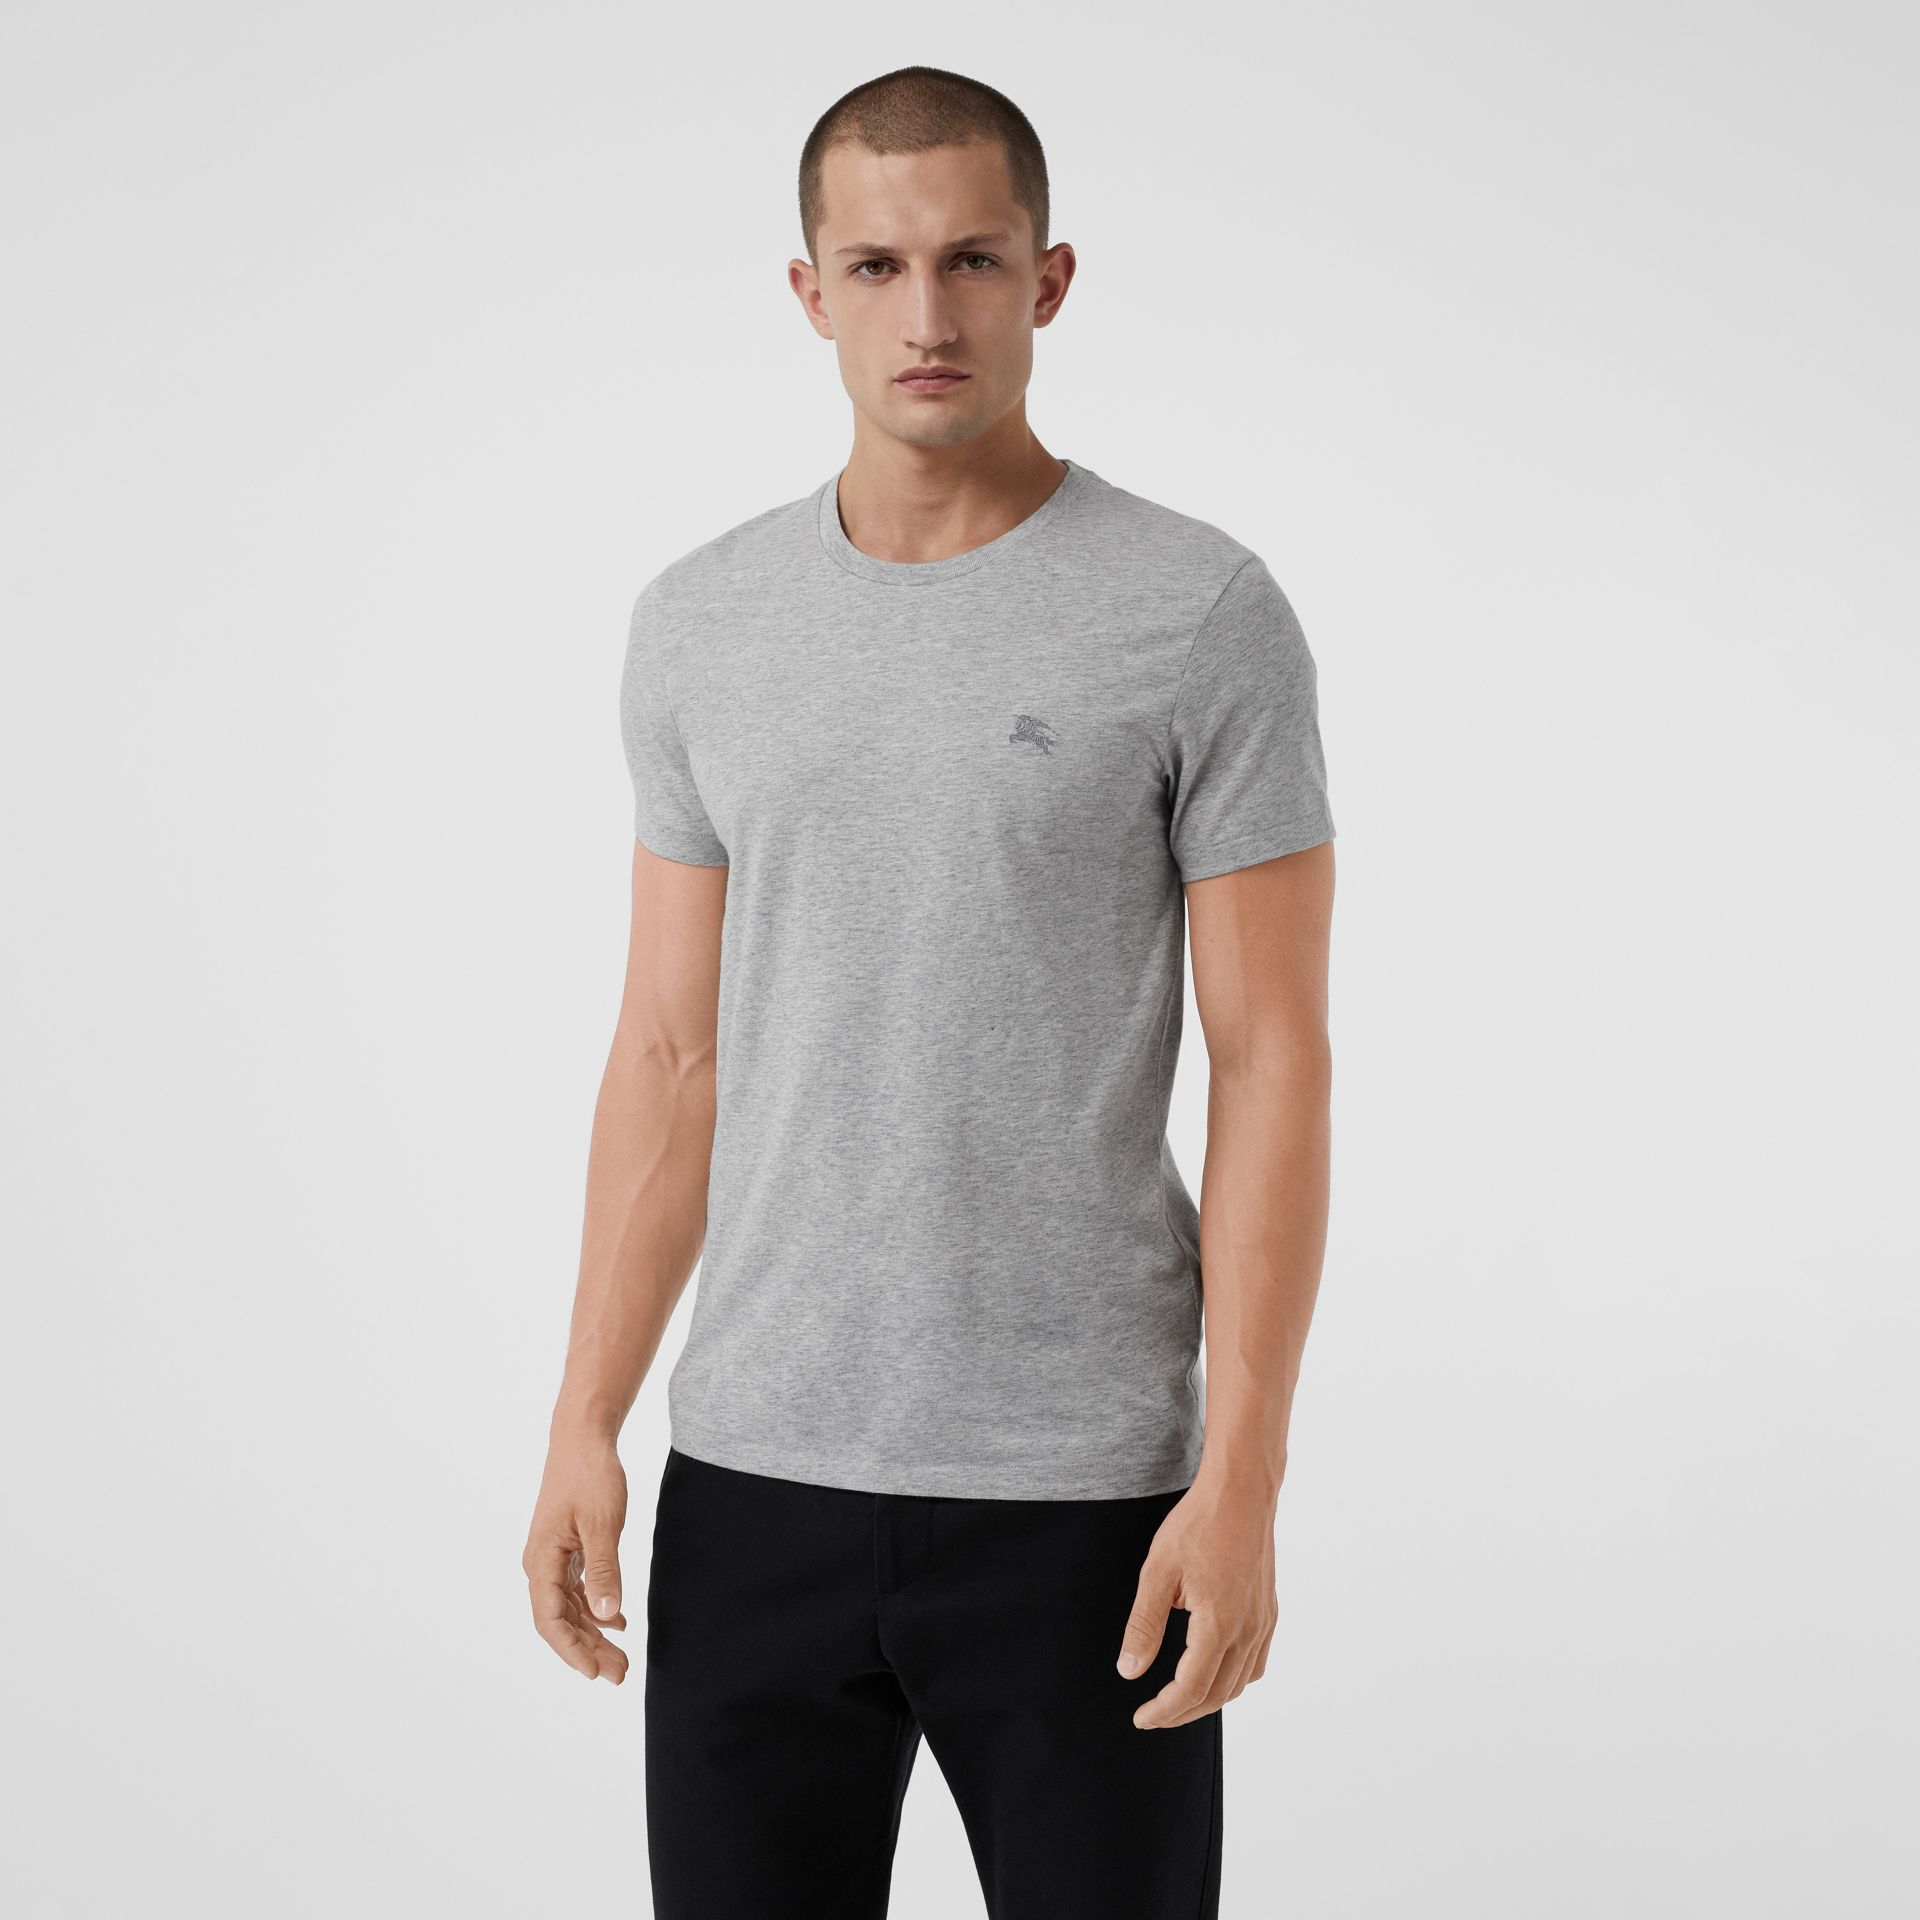 코튼 저지 티셔츠 (페일 그레이 멜란지) - 남성 | Burberry - 갤러리 이미지 4